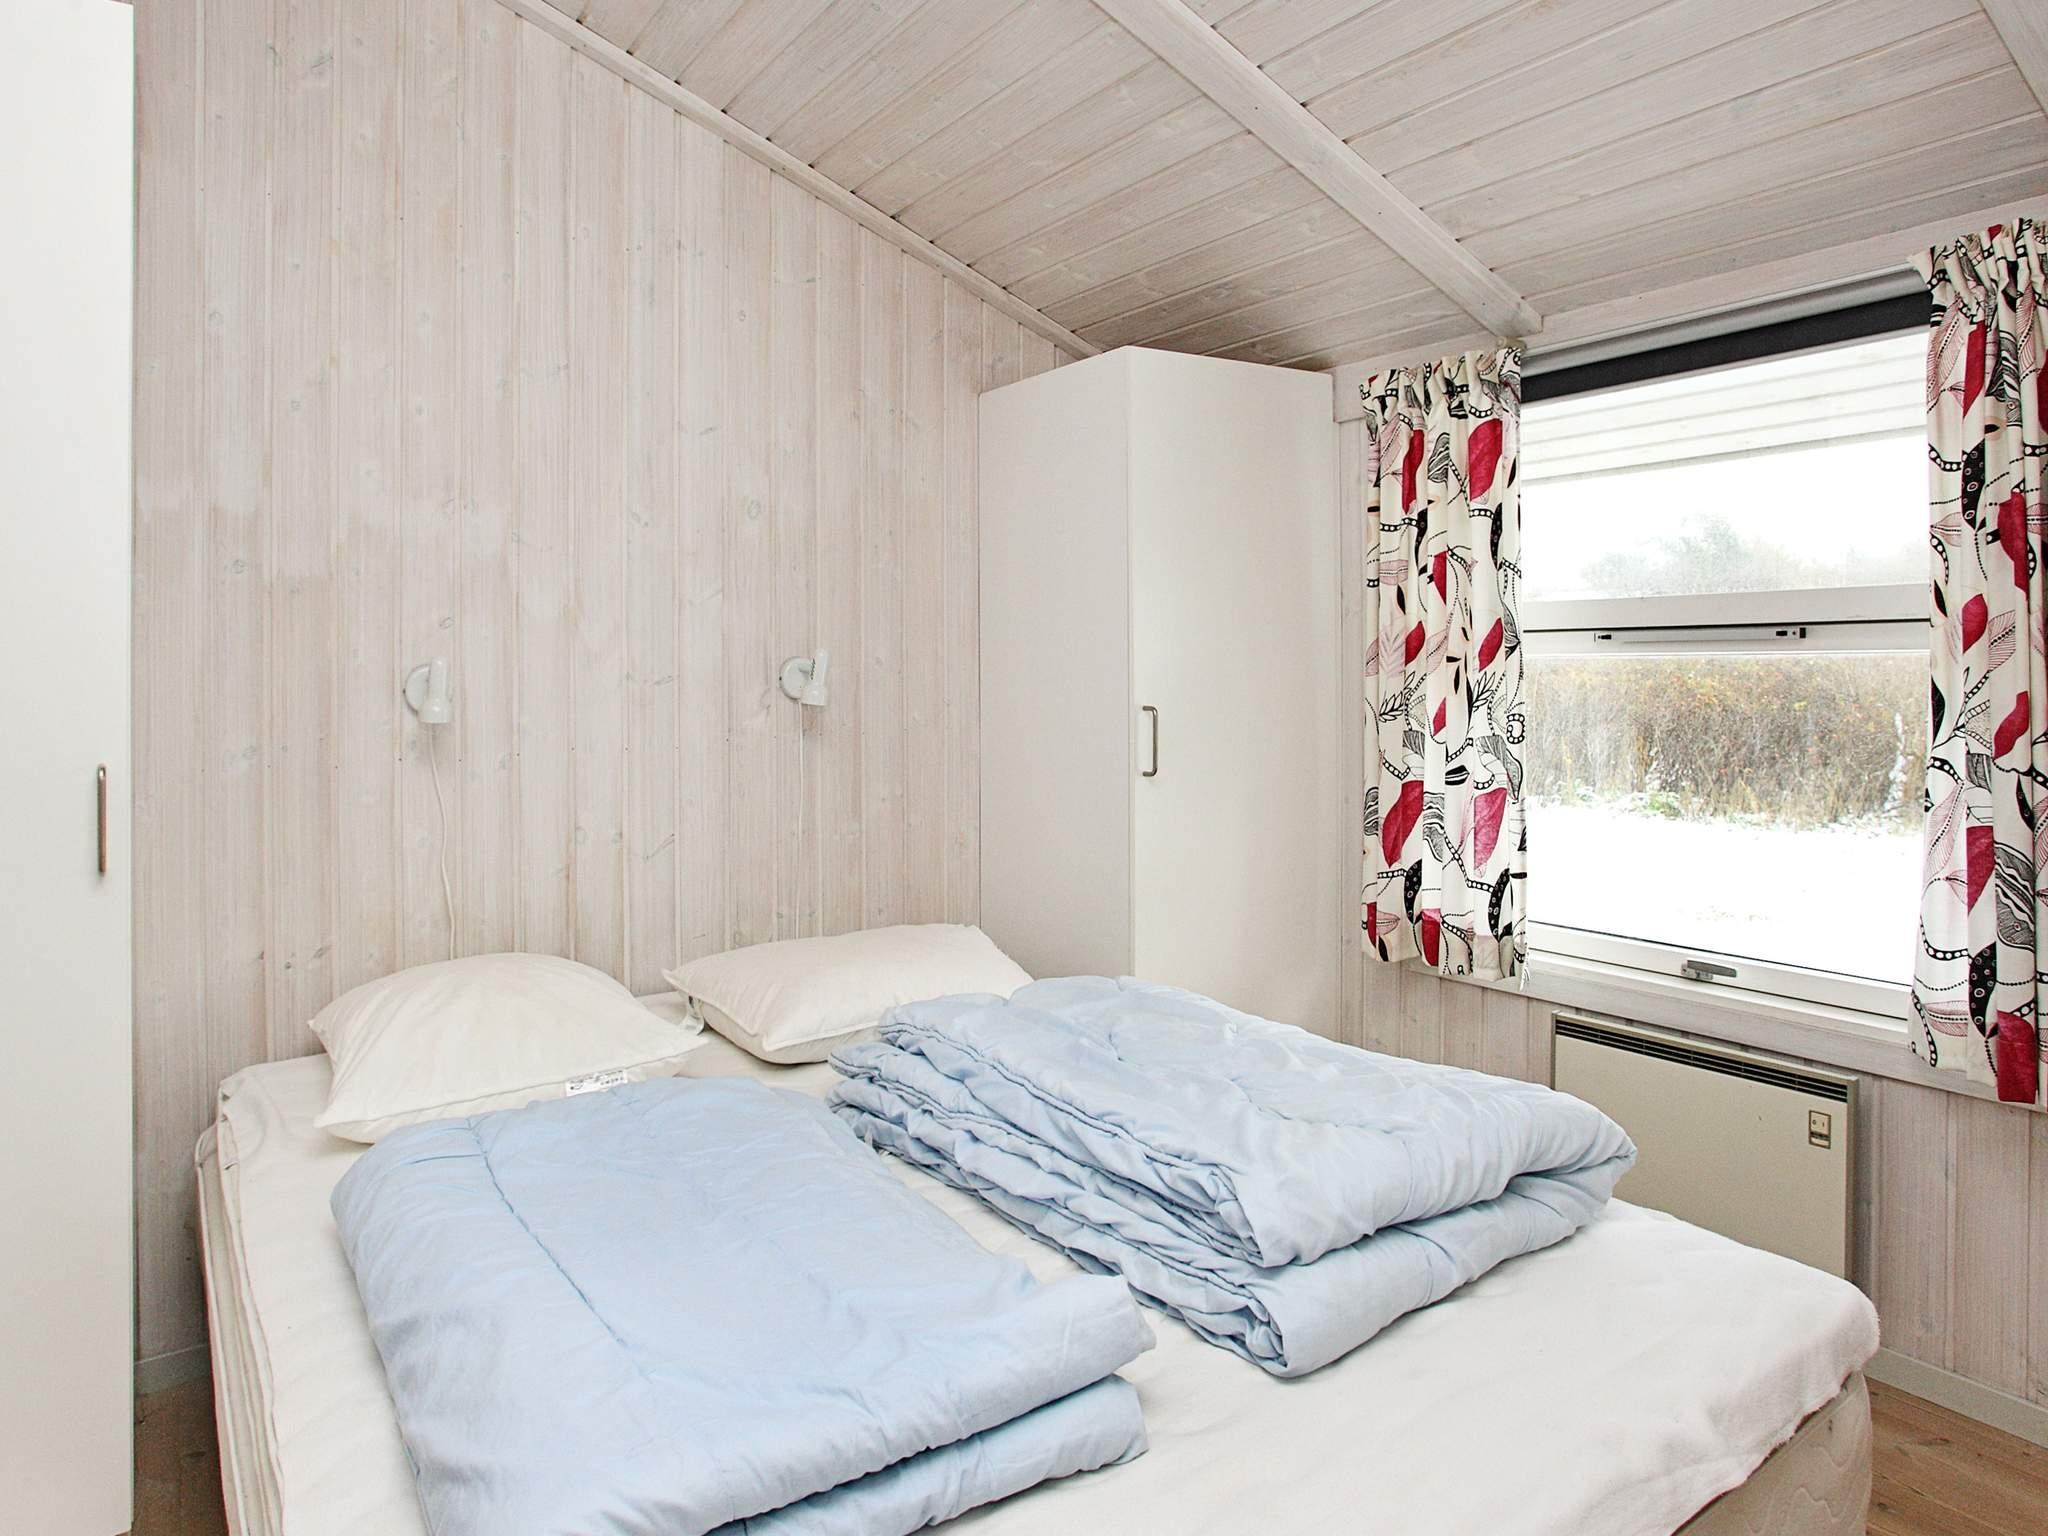 Ferienhaus Løkken (84407), Løkken, , Nordwestjütland, Dänemark, Bild 8